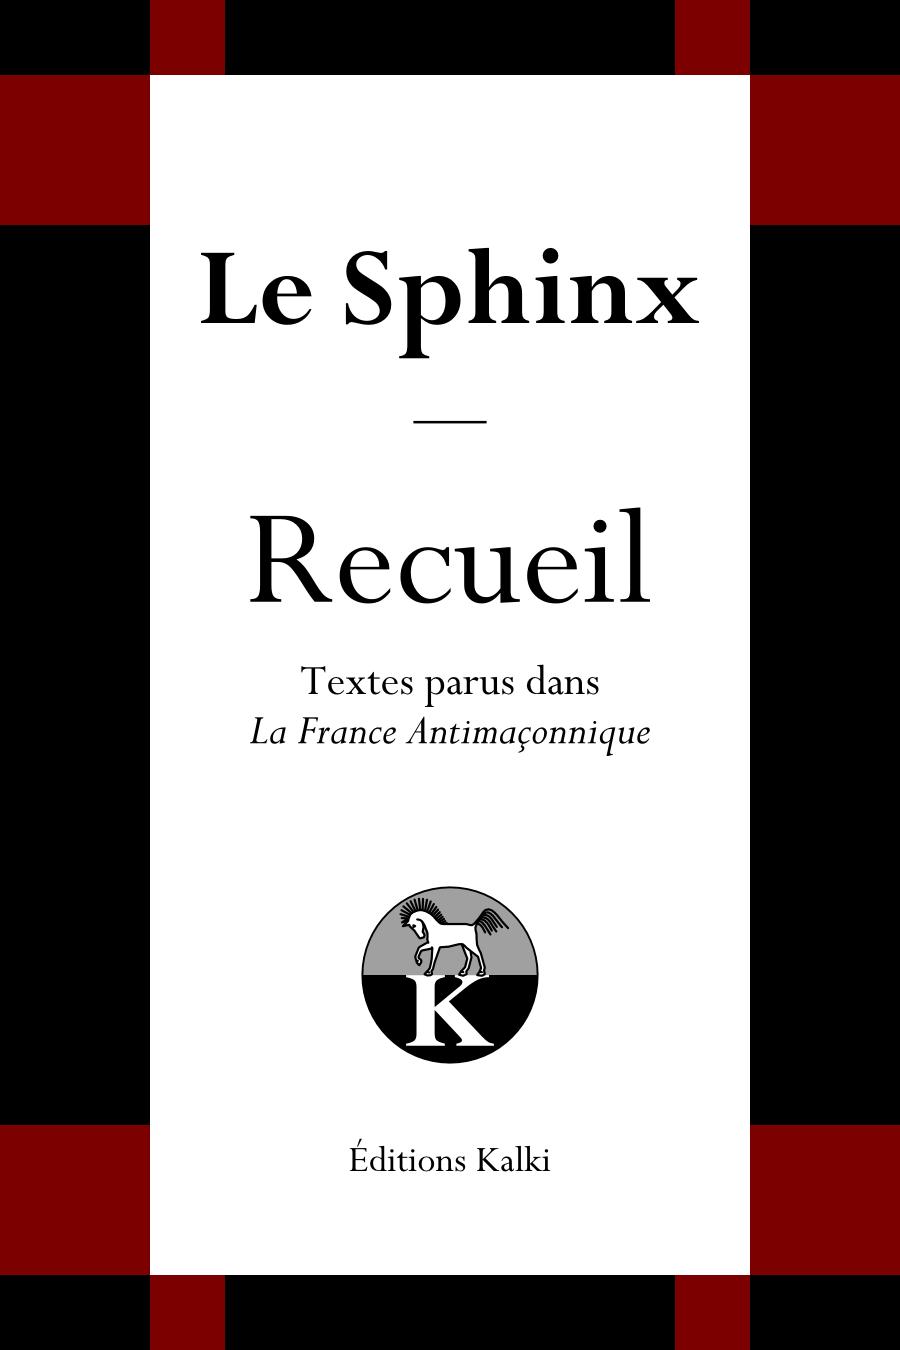 Nouvelle publication : Le Sphinx - Recueil